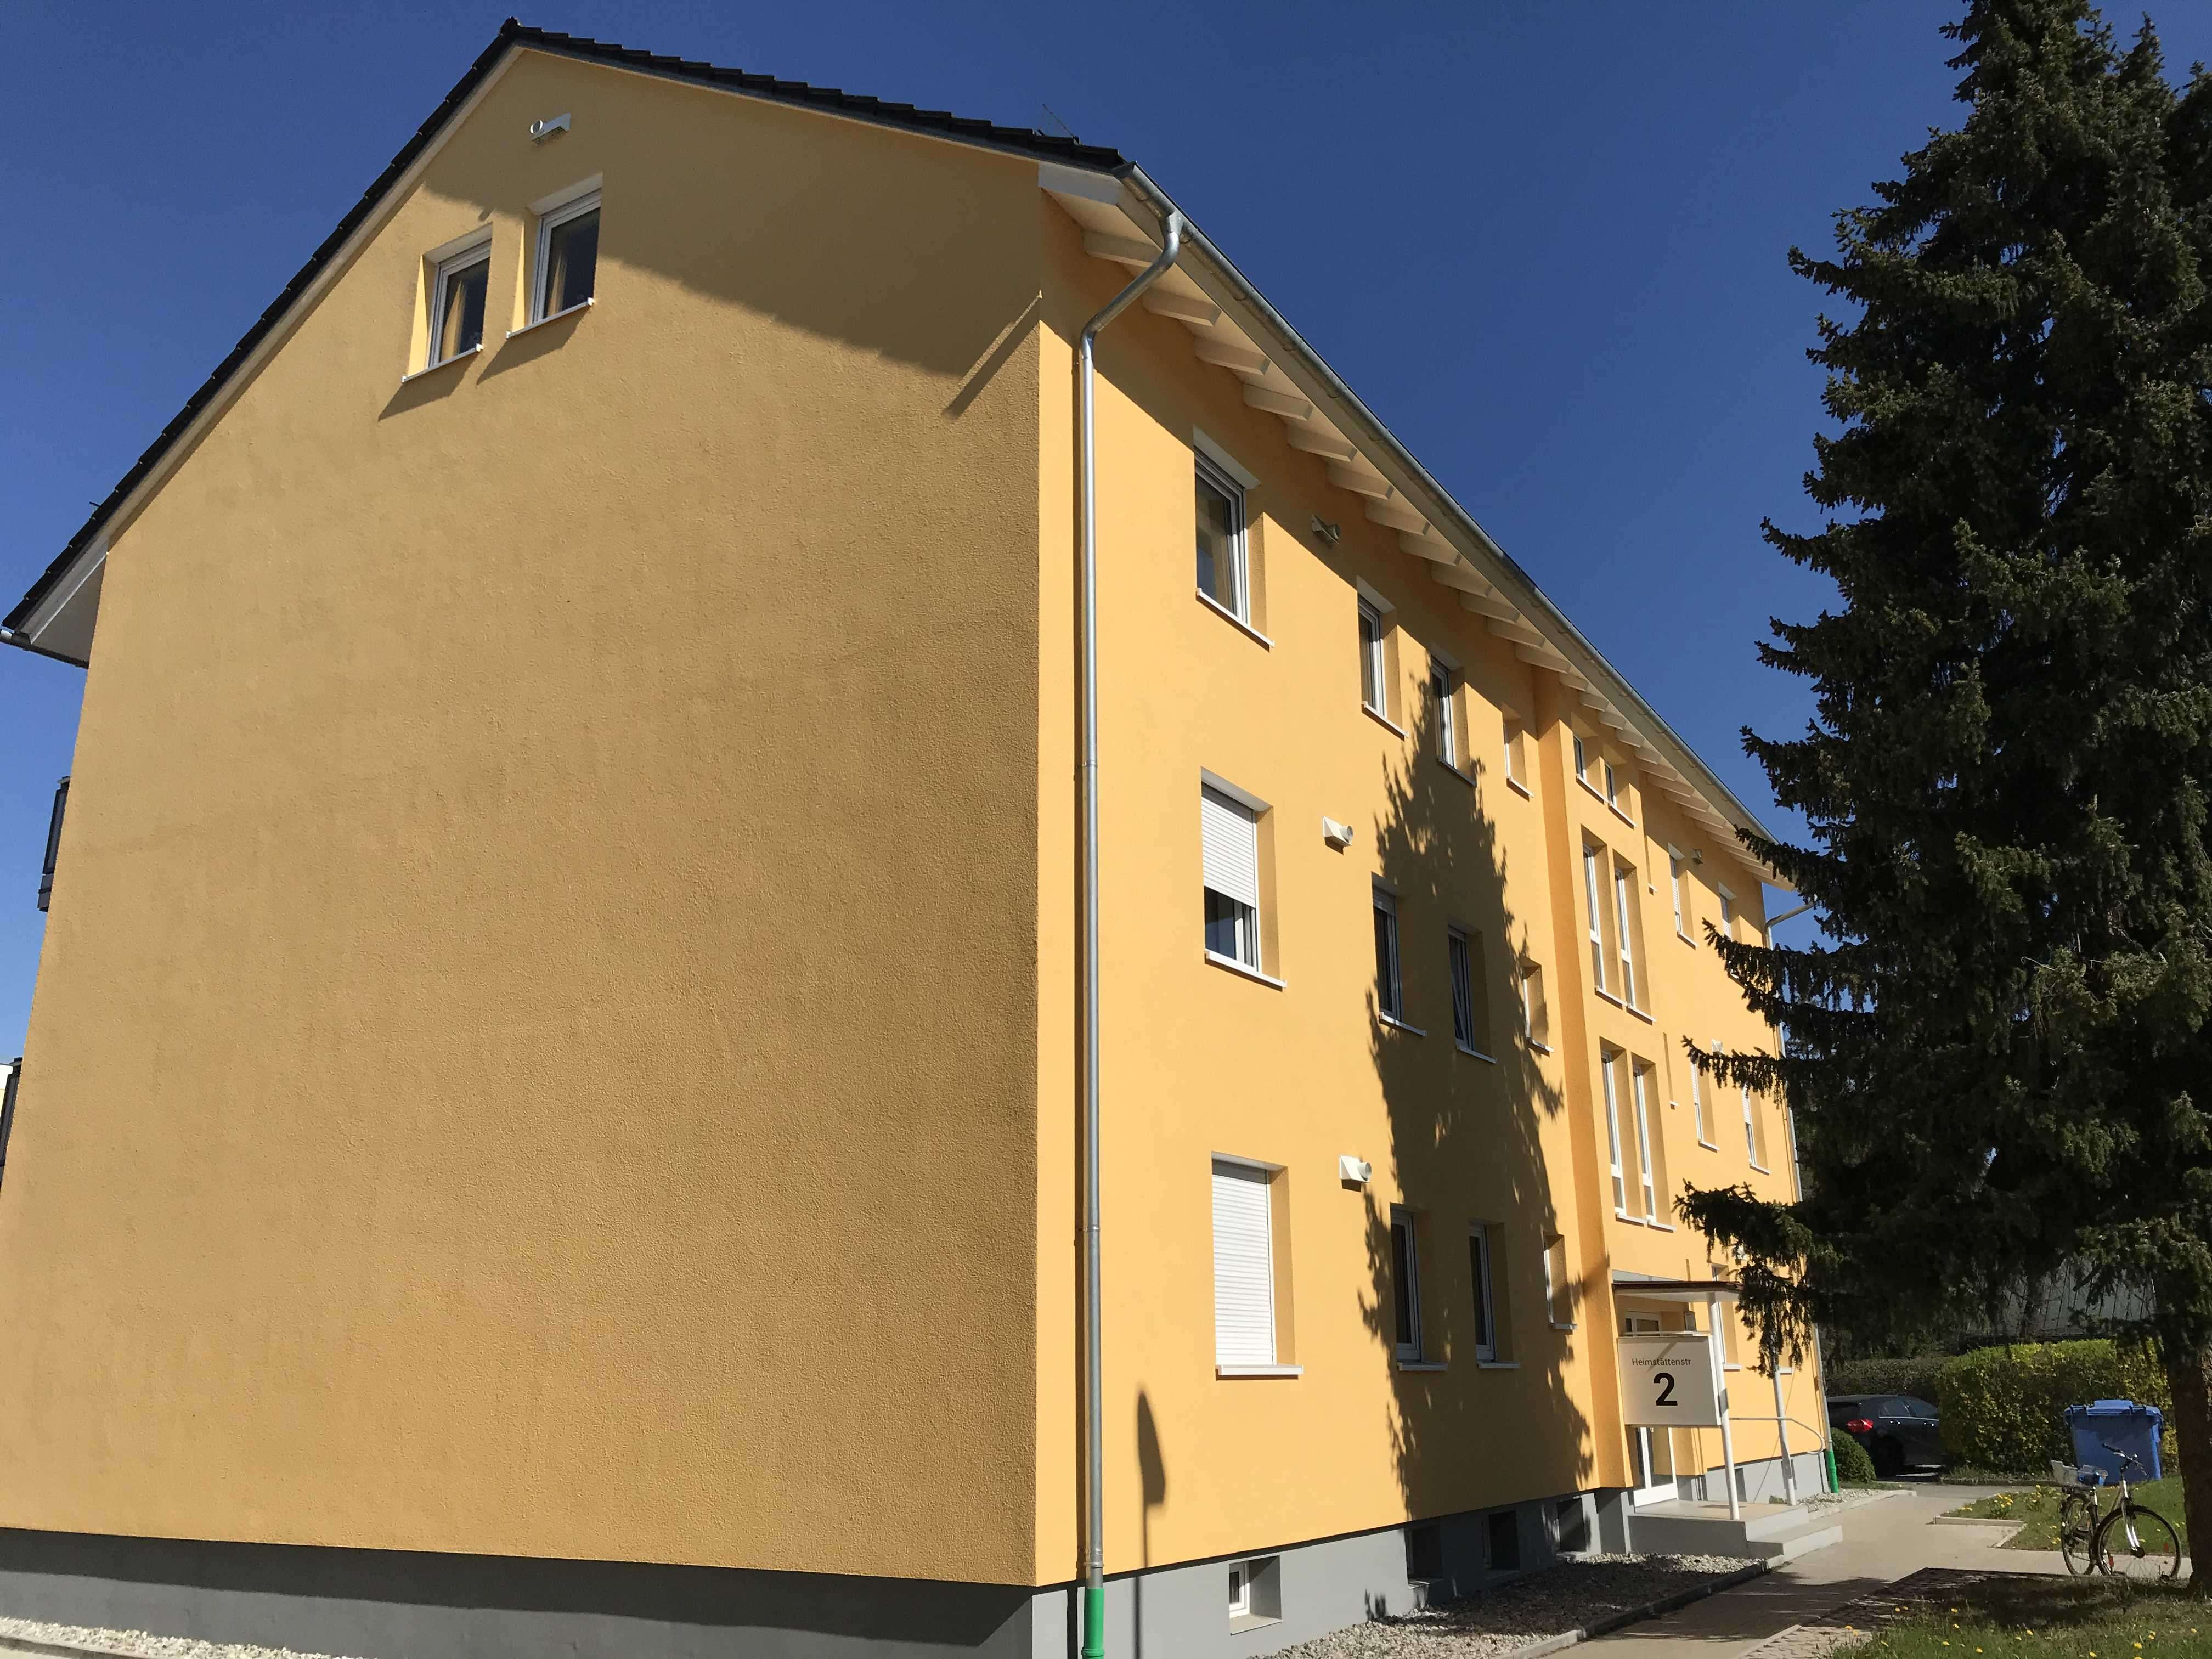 Exklusive, neuwertige 3-Zimmer-Wohnung mit Terrasse in Fürstenfeldbruck in Fürstenfeldbruck (Fürstenfeldbruck)